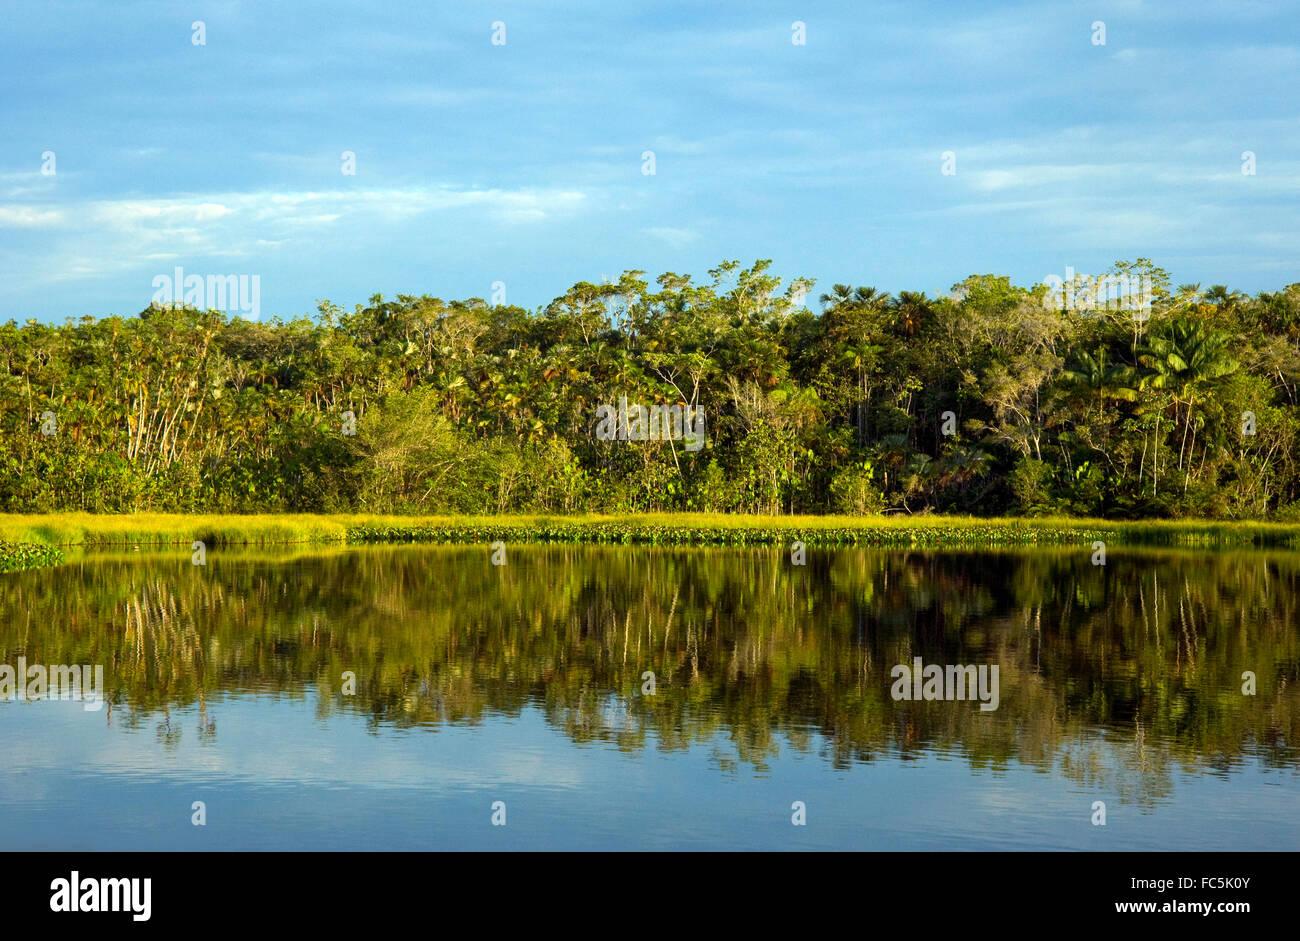 Réflexions sur l'Amazone en Équateur Photo Stock